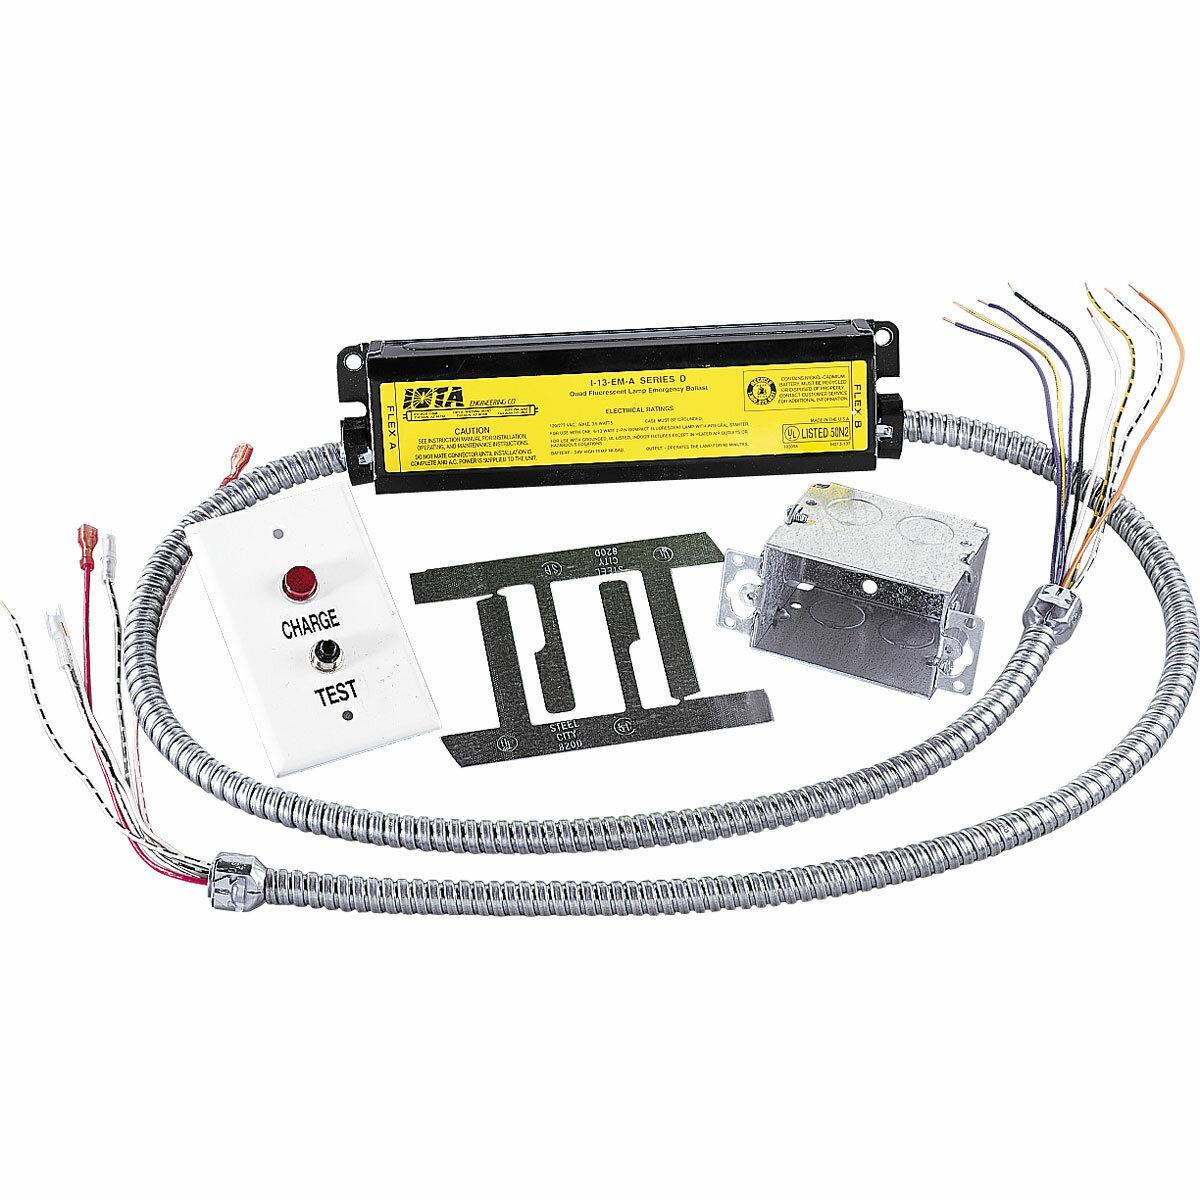 Progress lighting emergency battery pack for recessed lighting wayfair aloadofball Images